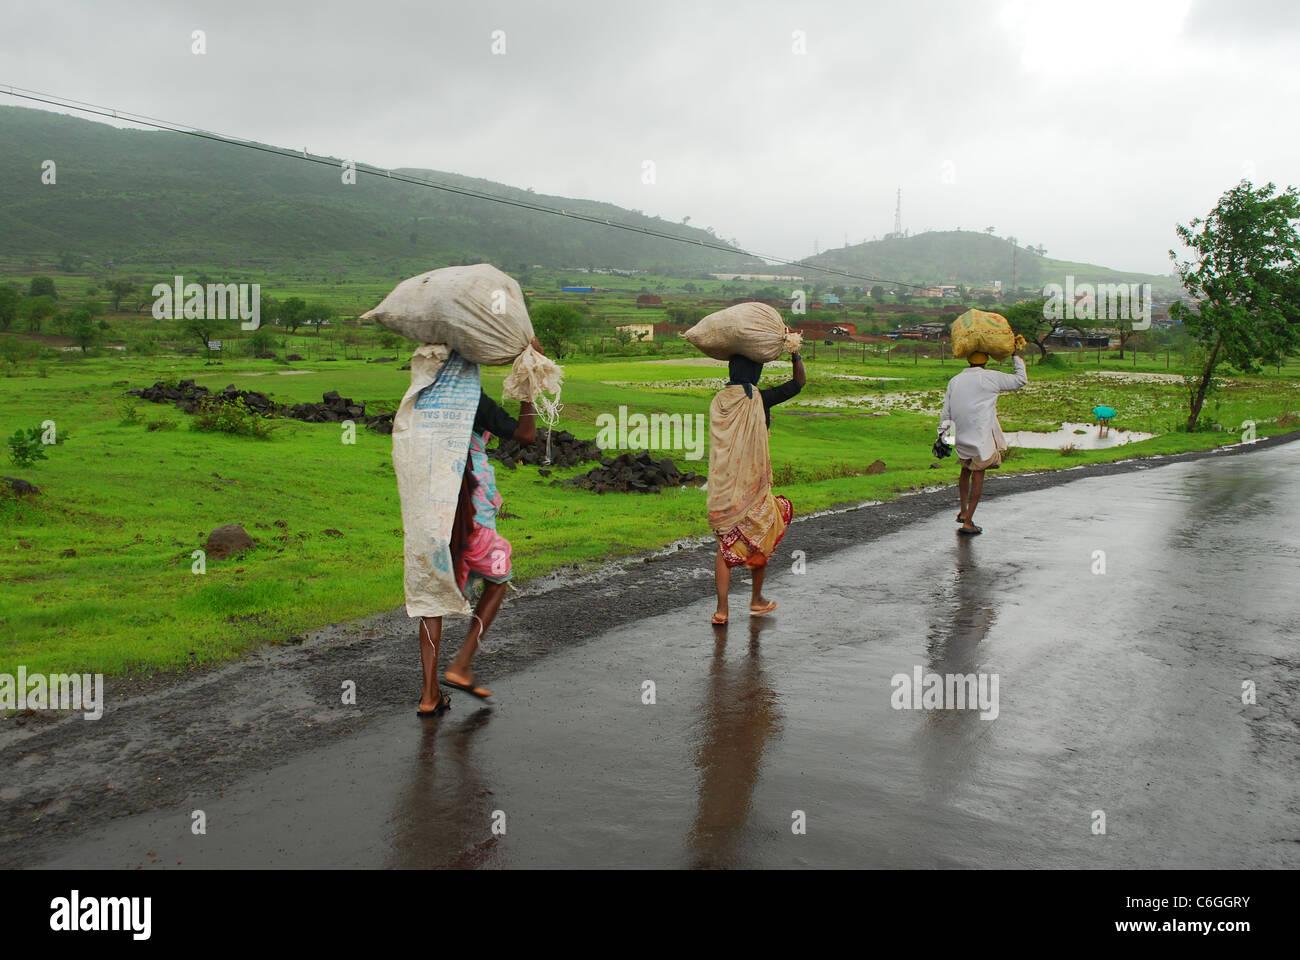 farmer carrying sacks - Stock Image